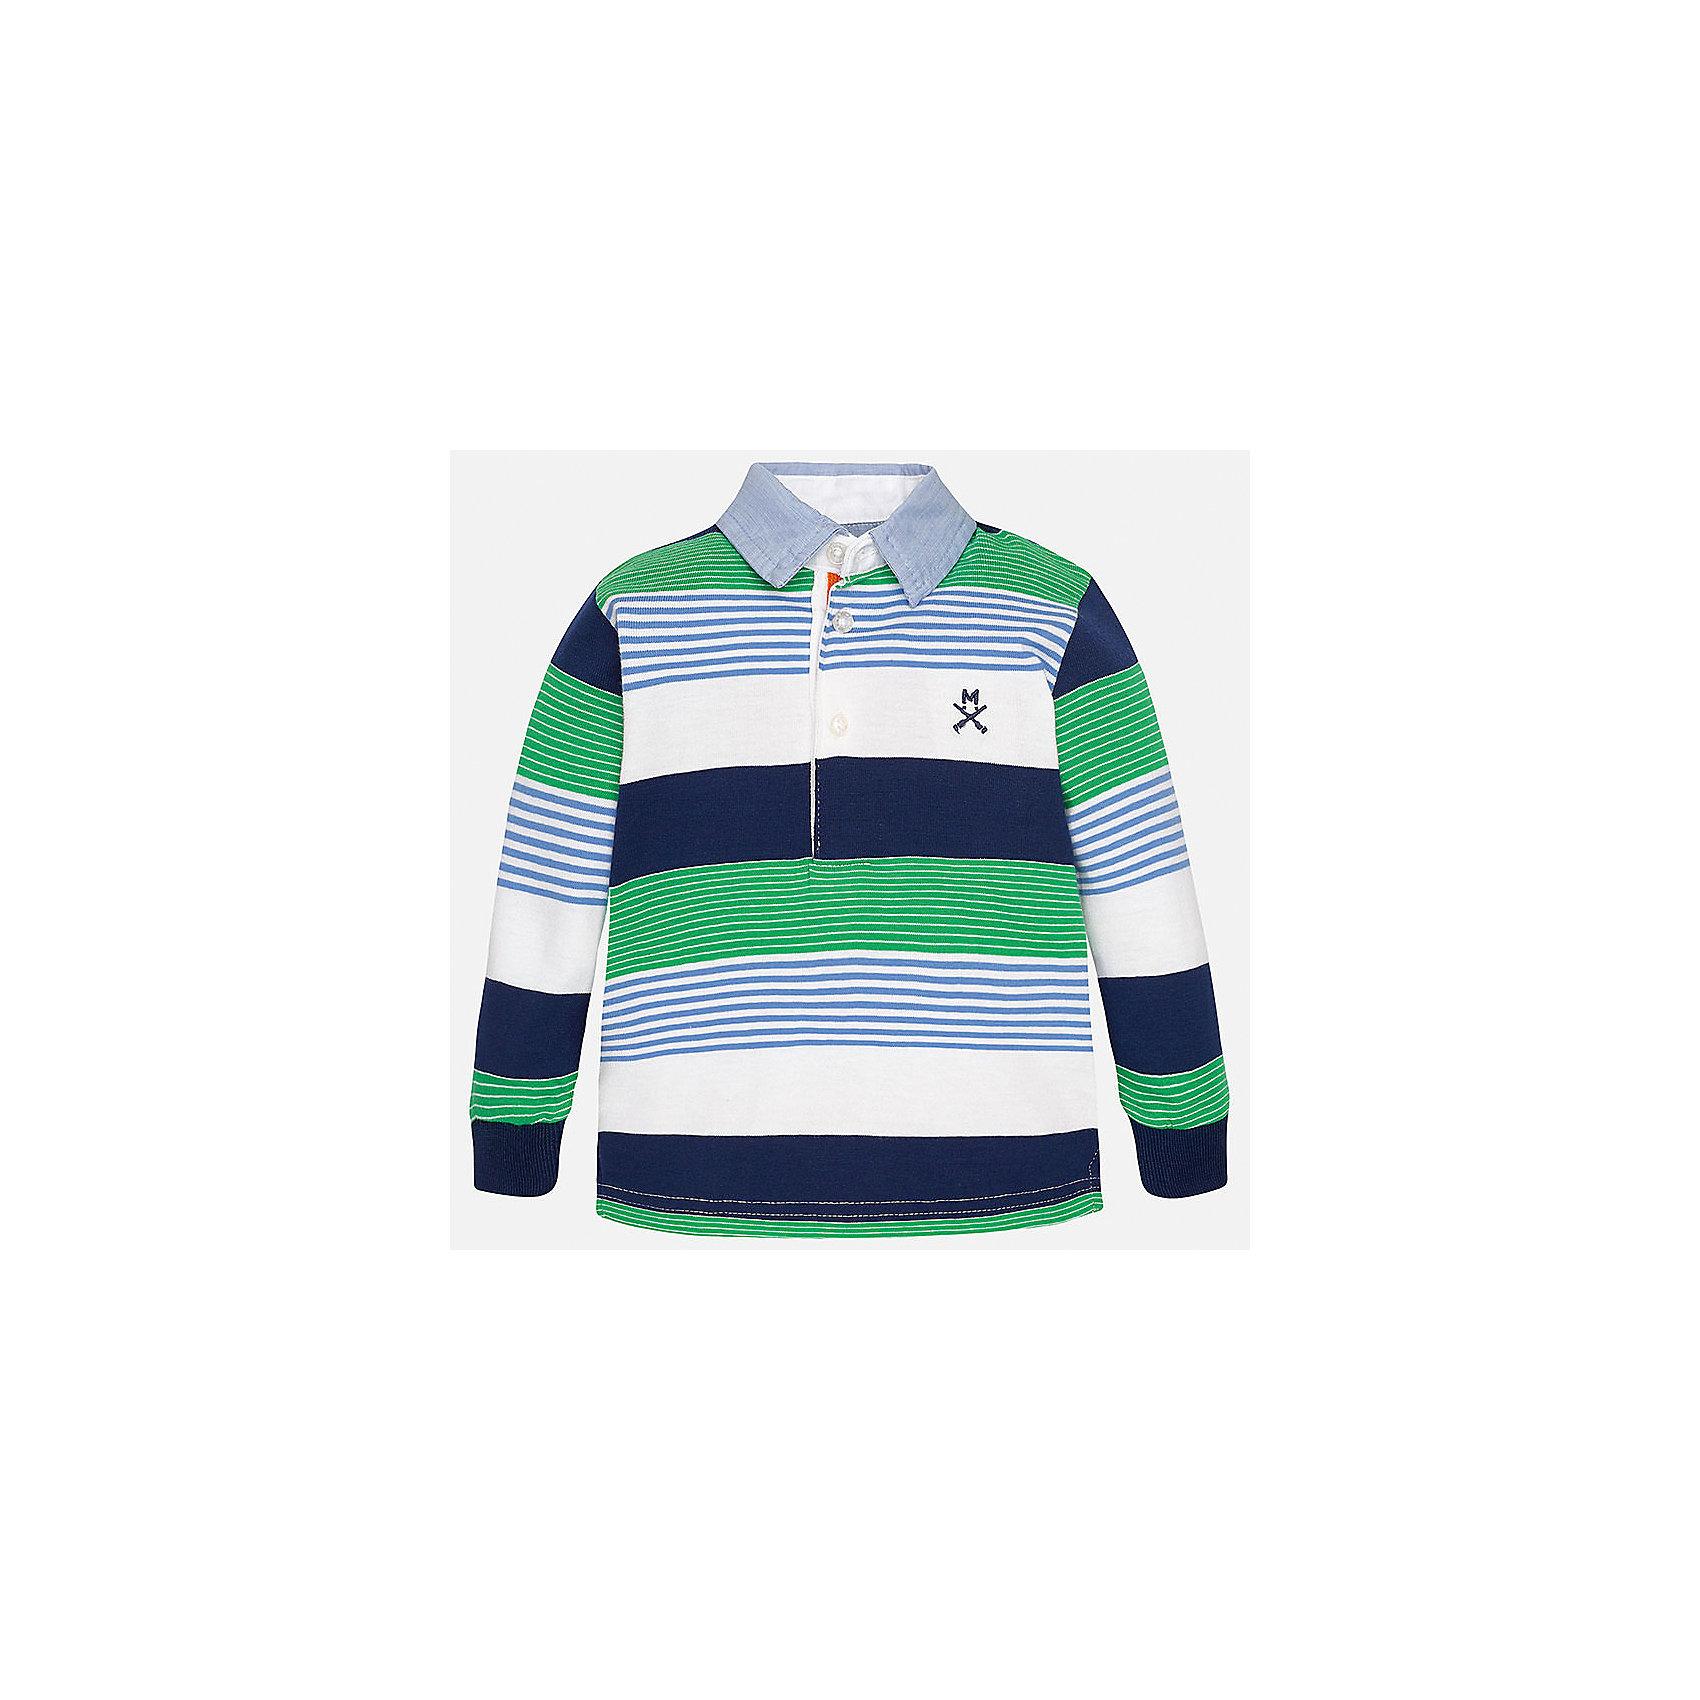 Футболка-поло с длинным рукавом для мальчика MayoralФутболки с длинным рукавом<br>Характеристики товара:<br><br>• цвет: белый/синий/зеленый<br>• состав: 100% хлопок<br>• отложной воротник<br>• длинные рукава<br>• застежка: пуговицы<br>• декорирована вышивкой<br>• страна бренда: Испания<br><br>Модная рубашка-поло для мальчика может стать базовой вещью в гардеробе ребенка. Она отлично сочетается с брюками, шортами, джинсами и т.д. Универсальный крой и цвет позволяет подобрать к вещи низ разных расцветок. Практичное и стильное изделие! В составе материала - только натуральный хлопок, гипоаллергенный, приятный на ощупь, дышащий.<br><br>Одежда, обувь и аксессуары от испанского бренда Mayoral полюбились детям и взрослым по всему миру. Модели этой марки - стильные и удобные. Для их производства используются только безопасные, качественные материалы и фурнитура. Порадуйте ребенка модными и красивыми вещами от Mayoral! <br><br>Рубашку-поло для мальчика от испанского бренда Mayoral (Майорал) можно купить в нашем интернет-магазине.<br><br>Ширина мм: 230<br>Глубина мм: 40<br>Высота мм: 220<br>Вес г: 250<br>Цвет: зеленый<br>Возраст от месяцев: 12<br>Возраст до месяцев: 15<br>Пол: Мужской<br>Возраст: Детский<br>Размер: 80,92,86<br>SKU: 5279444